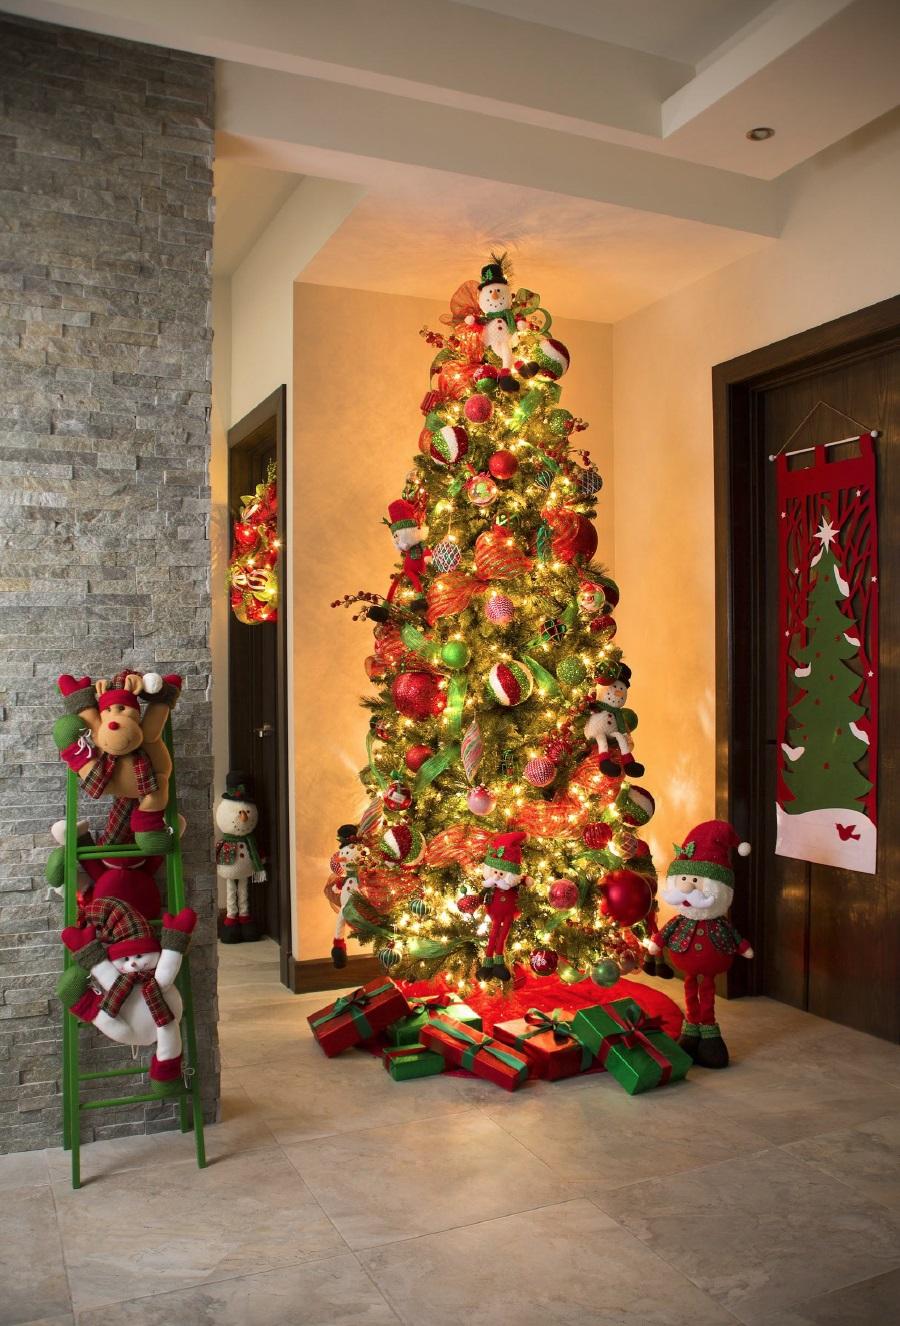 Tendencias para decorar en navidad 2017 2018 curso de for Decoracion navidad 2017 tendencias